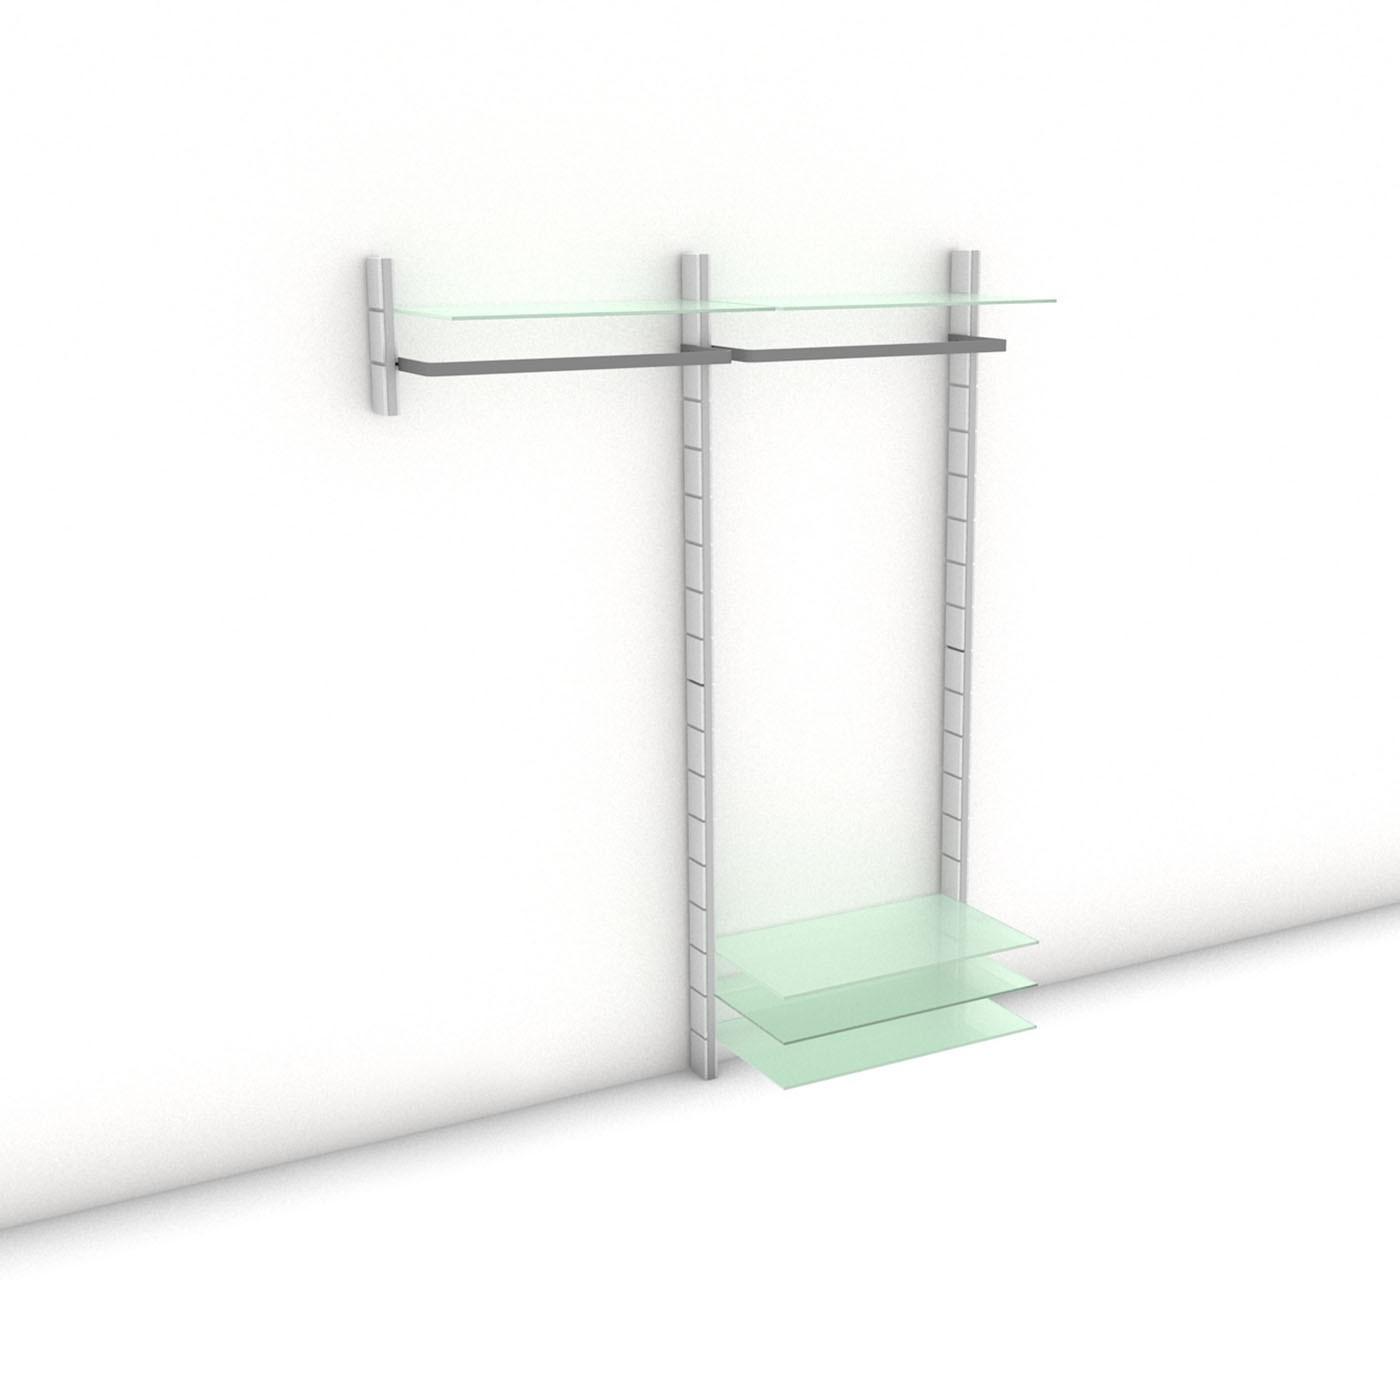 Garderobe - HALL-STAND - Prime (S/XL) 164 - Maß: 164 x 215,2 x 30 (45) cm (B x H x T)